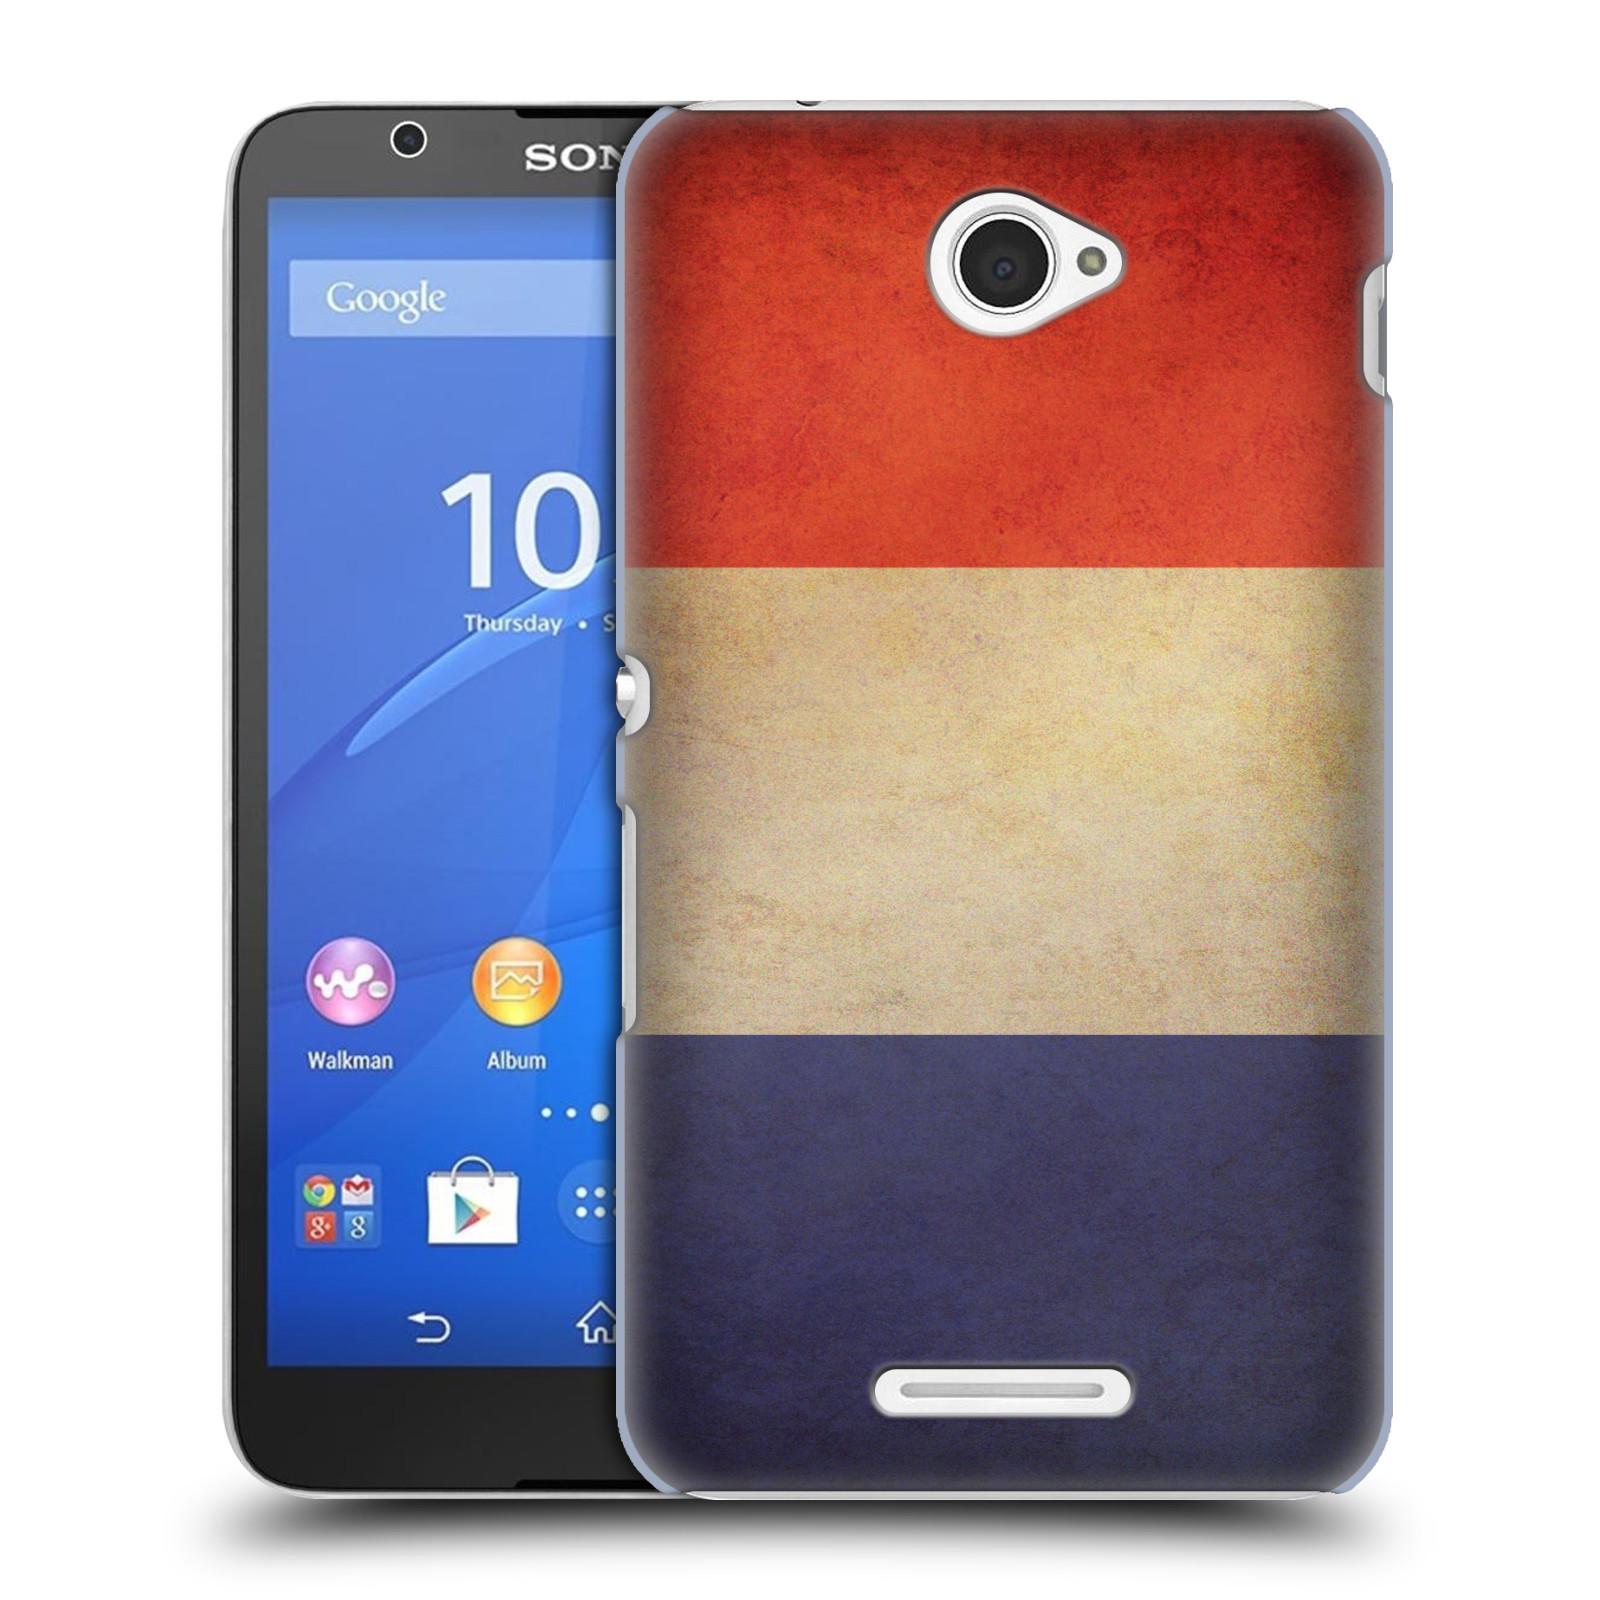 Plastové pouzdro na mobil Sony Xperia E4 E2105 HEAD CASE VLAJKA FRANCIE (Kryt či obal na mobilní telefon Sony Xperia E4 a E4 Dual SIM)